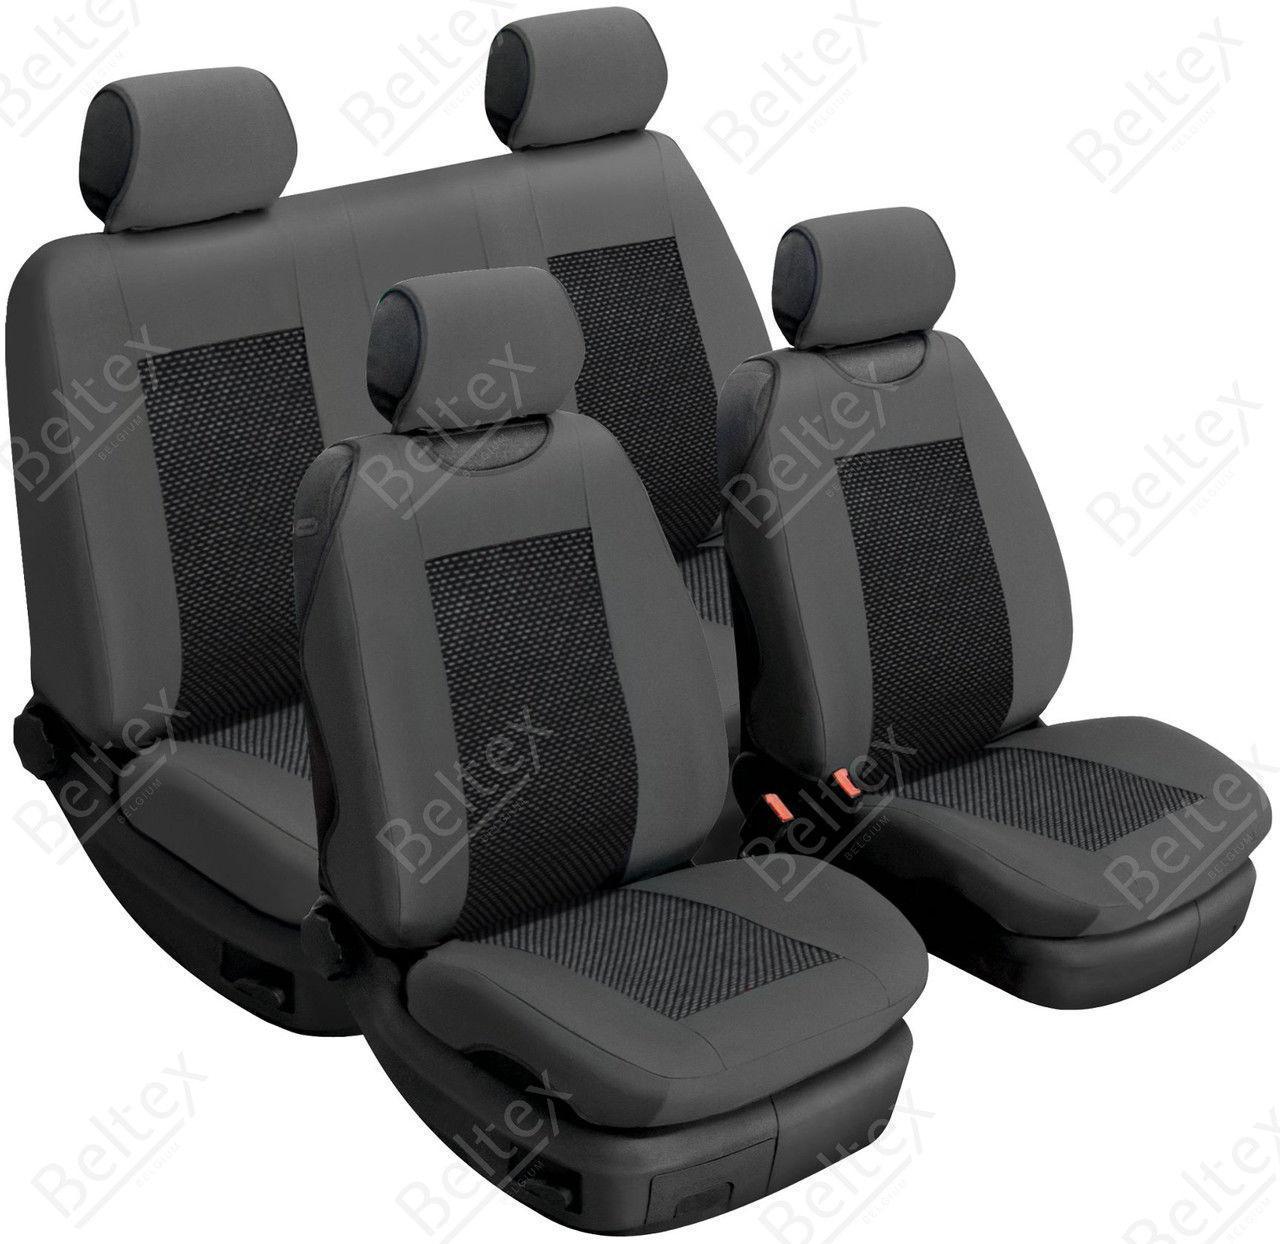 Майки/чехлы на сиденья Шевроле Эванда (Chevrolet Evanda)